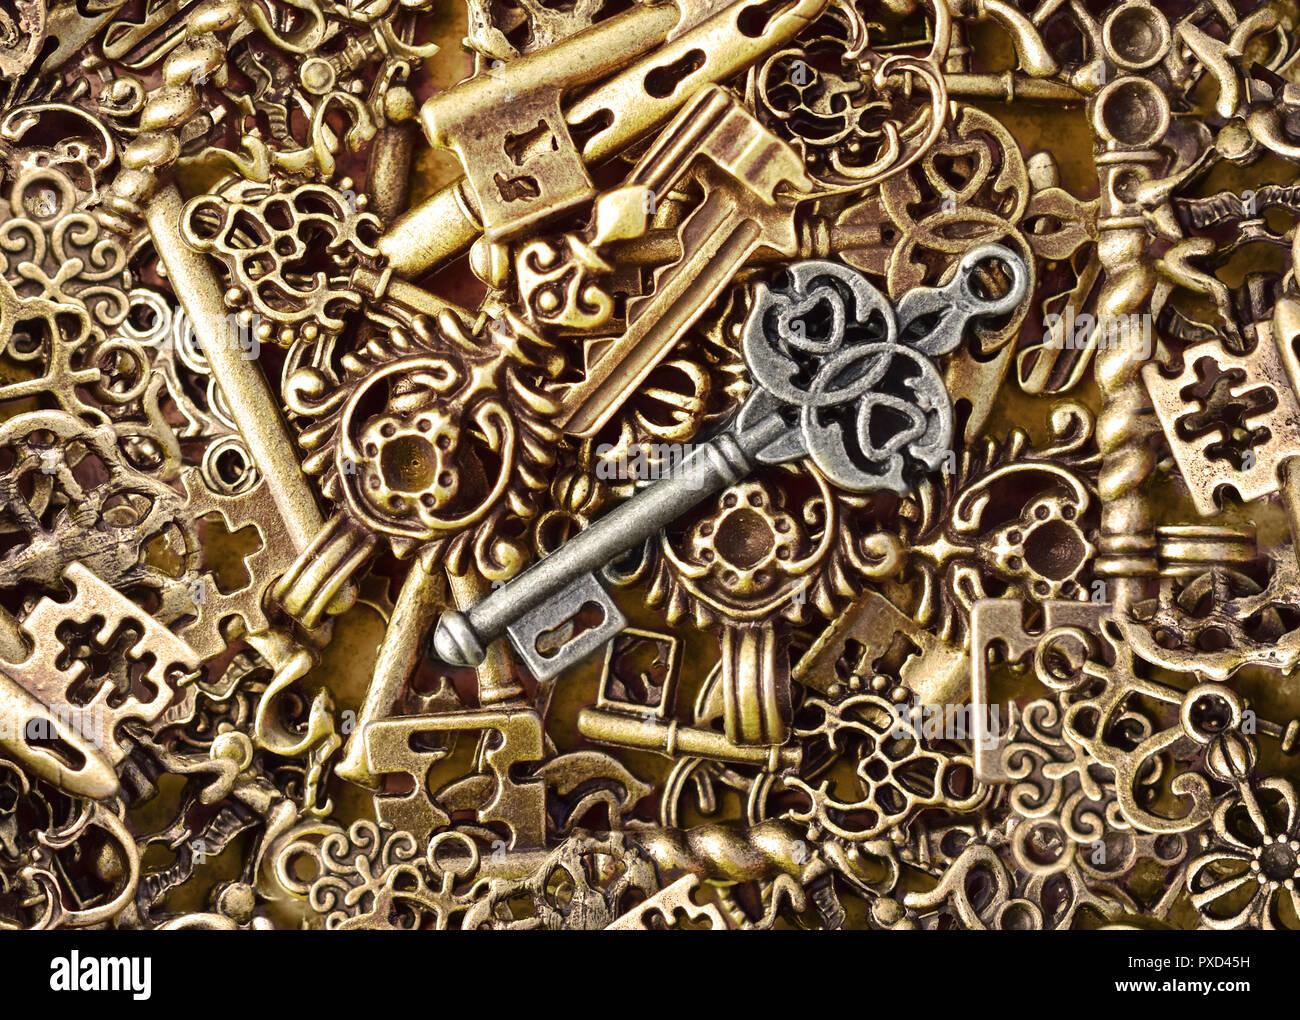 Verrouillage par clé de déverrouillage des serrures de trousseau bunch sens Photo Stock